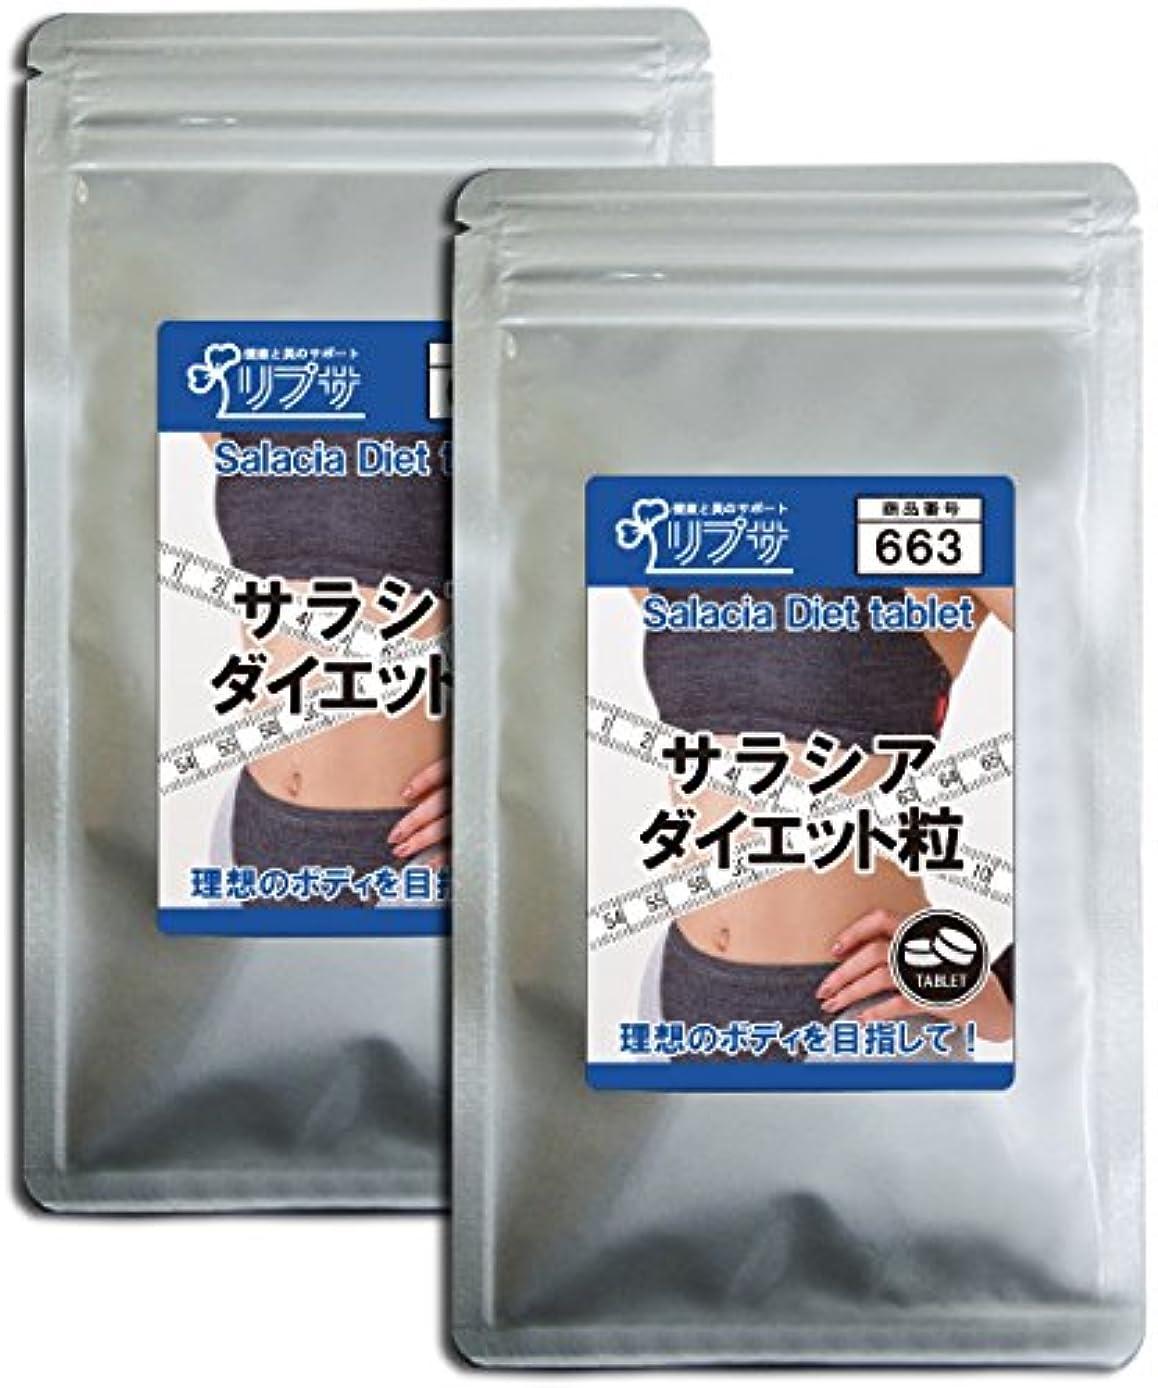 方法論ホット肥料サラシアダイエット粒 約3か月分×2袋 T-663-2